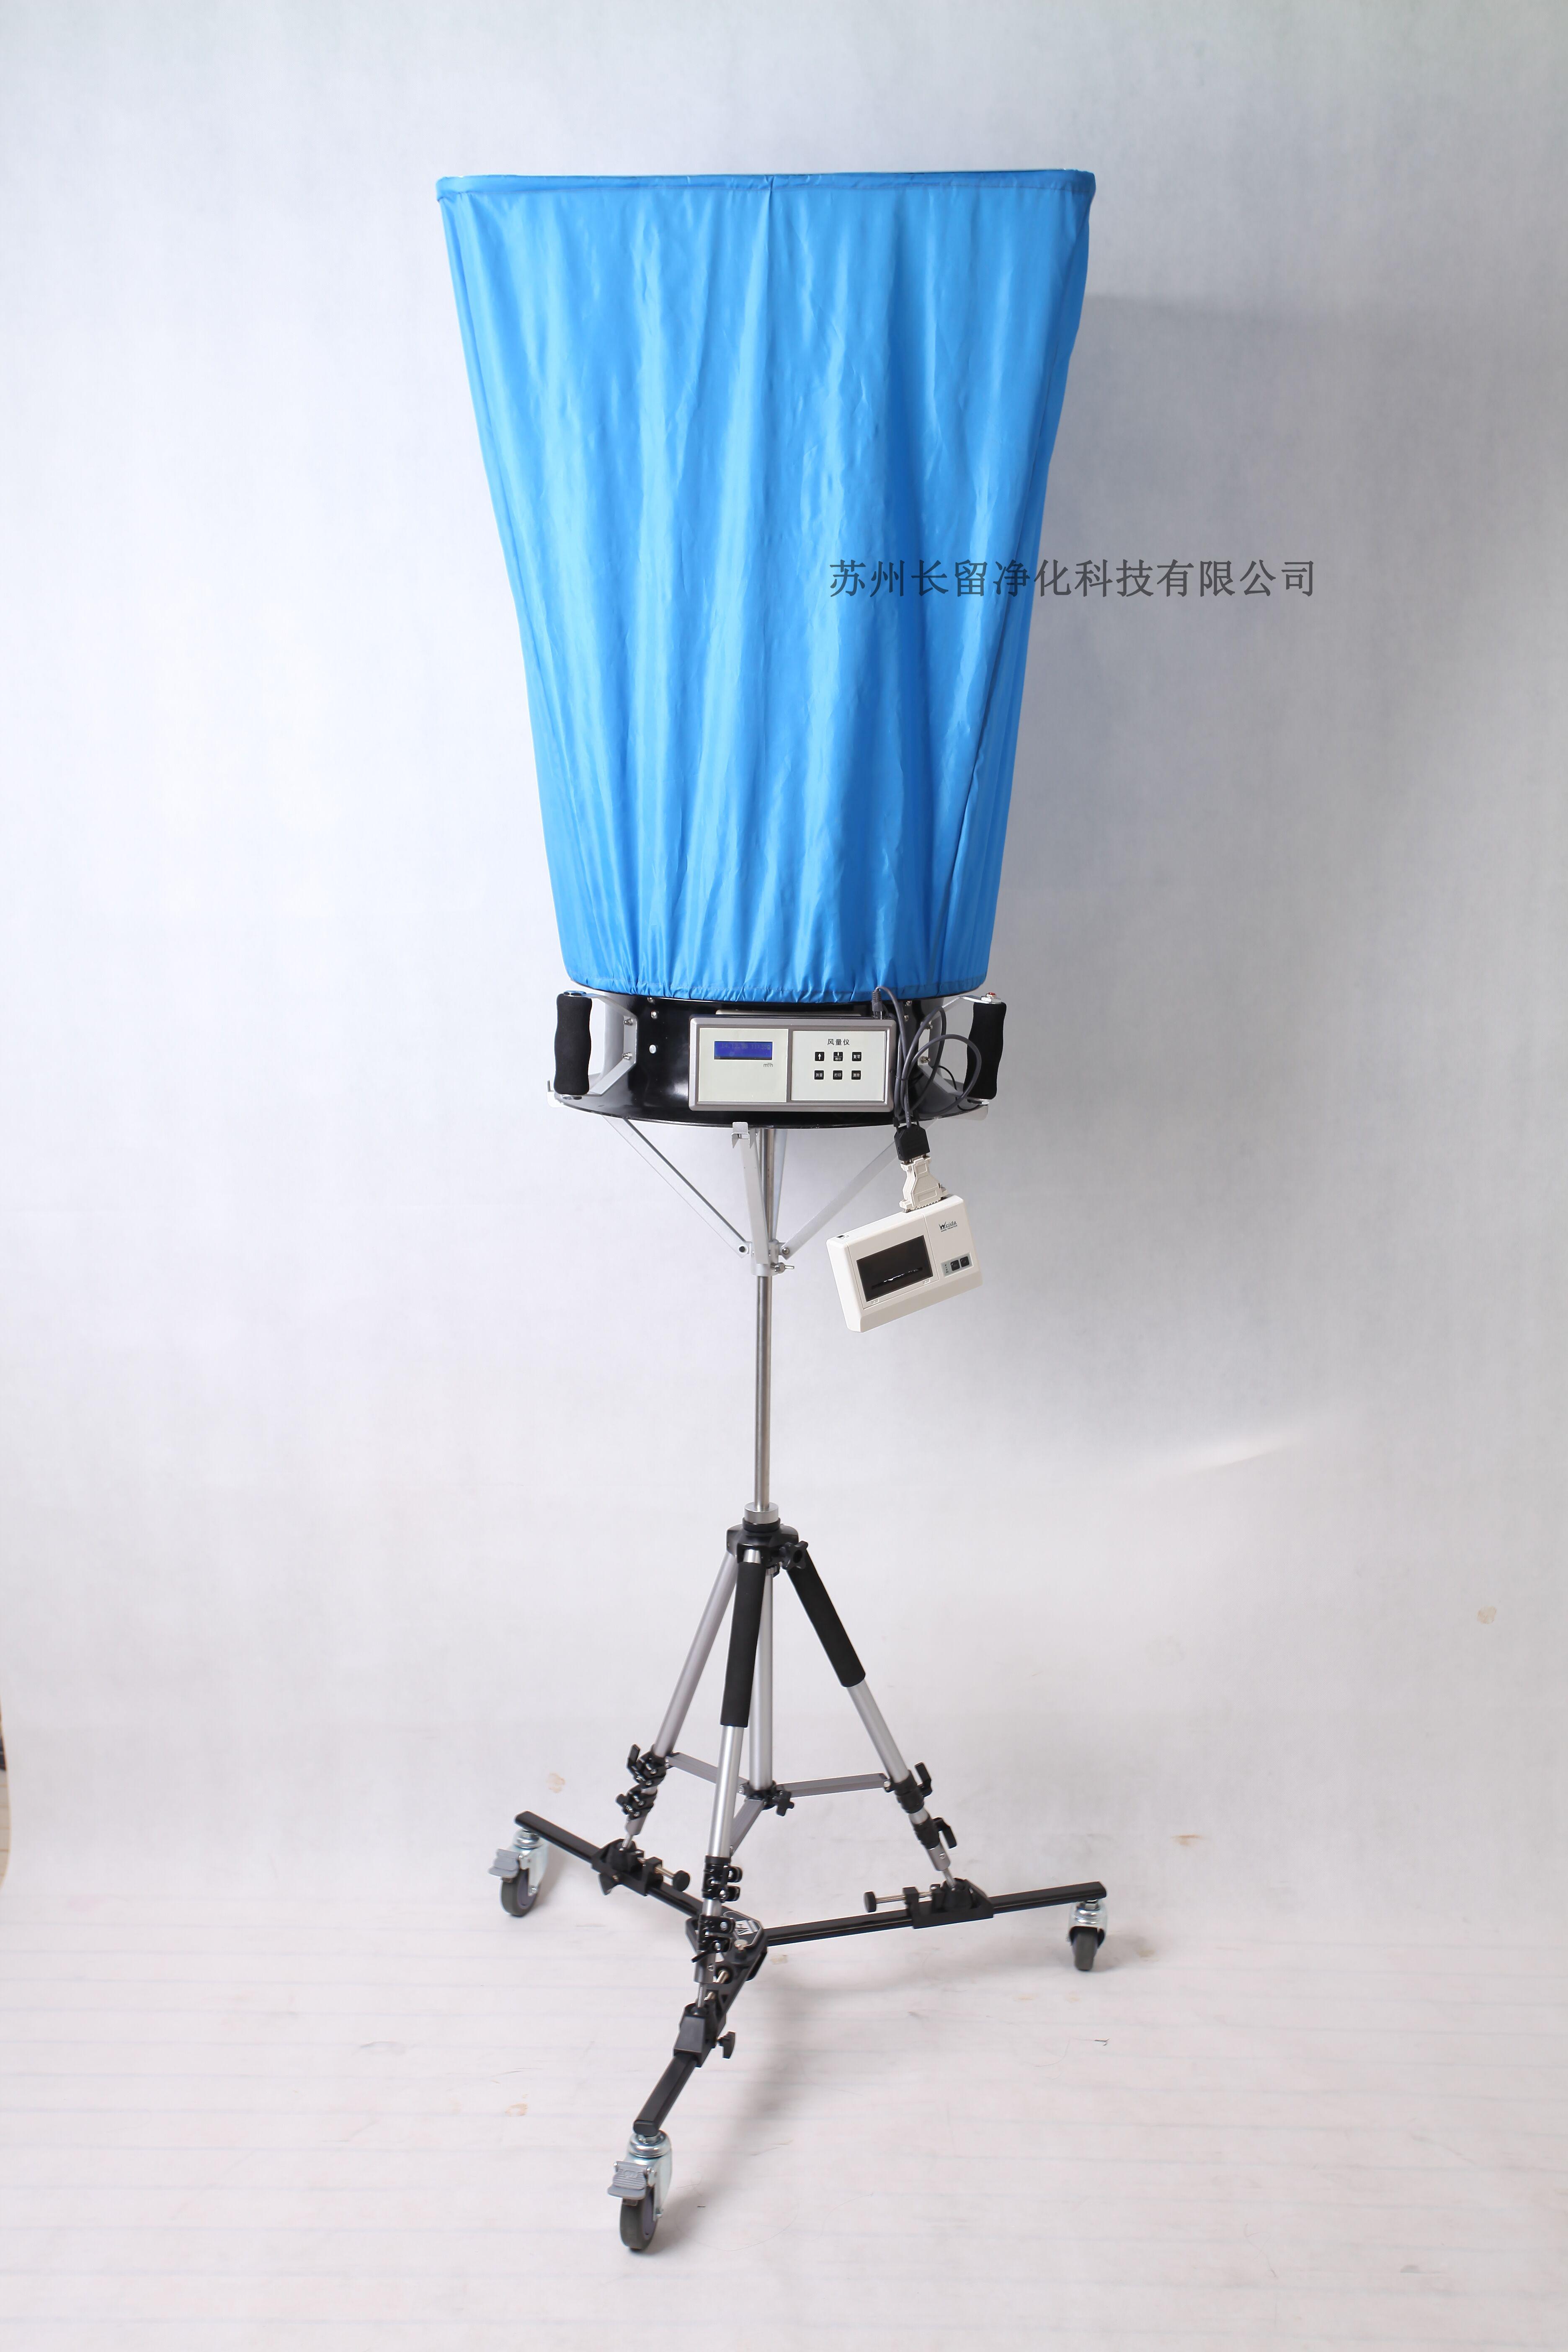 风量仪 风量罩